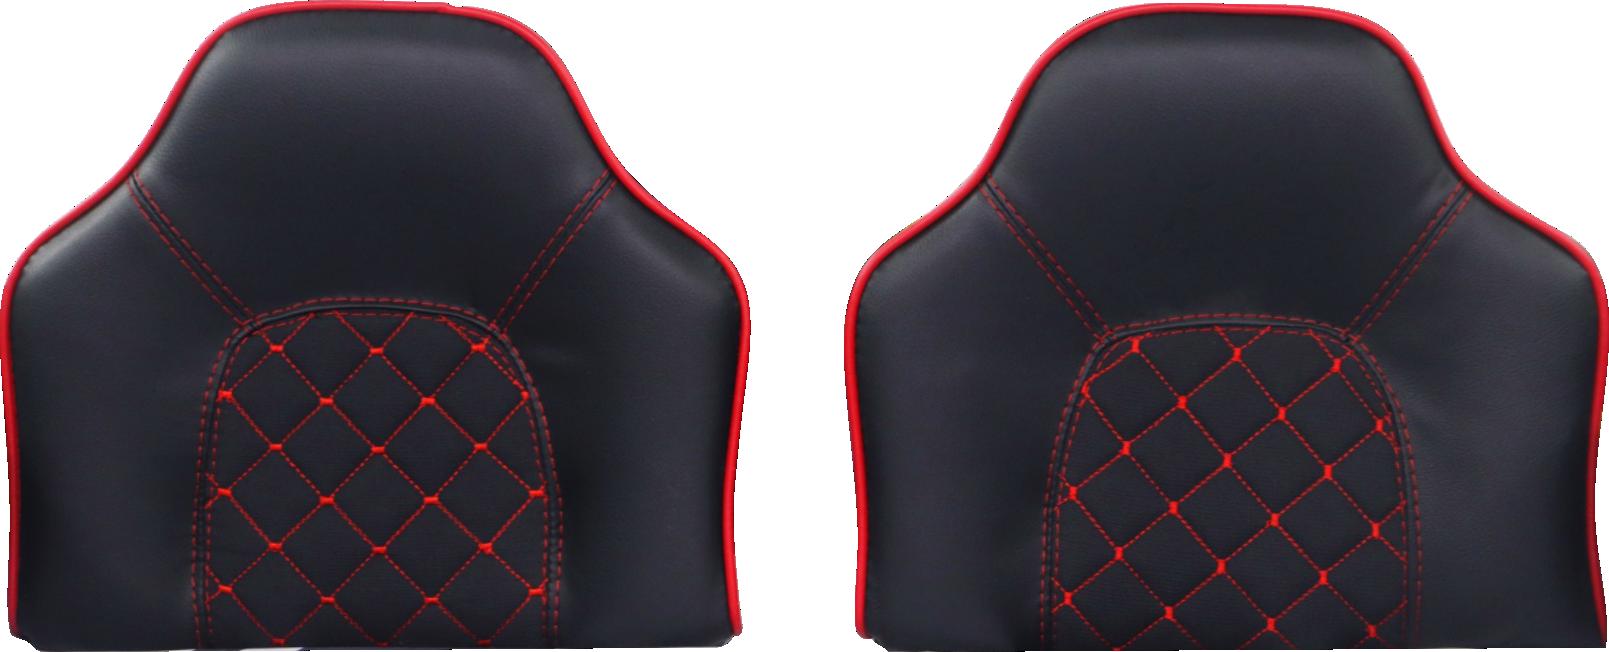 Polstersitze in Schwarz mit roter Naht